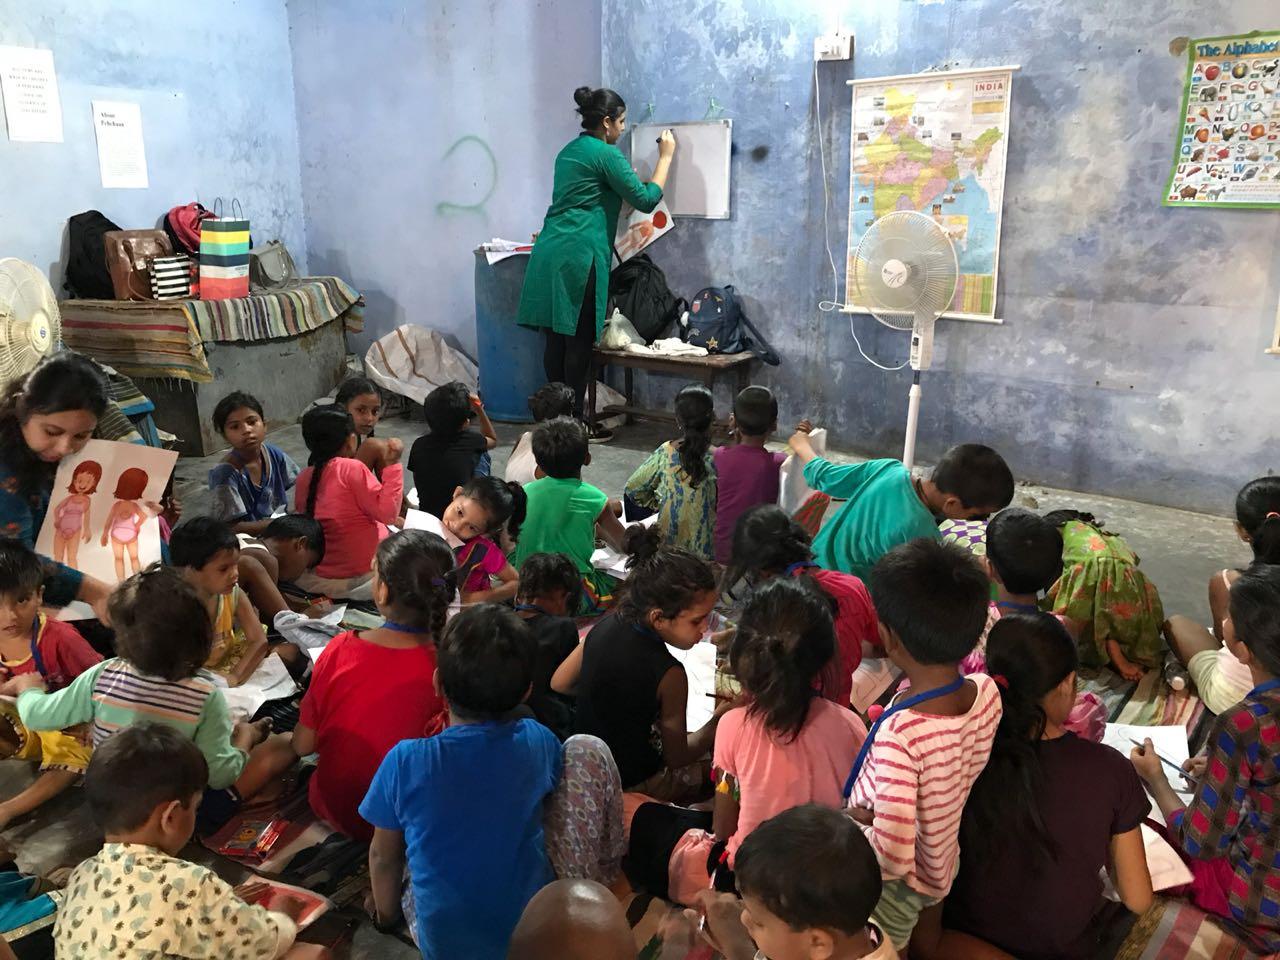 PEHCHAAN: THE STREET SCHOOL